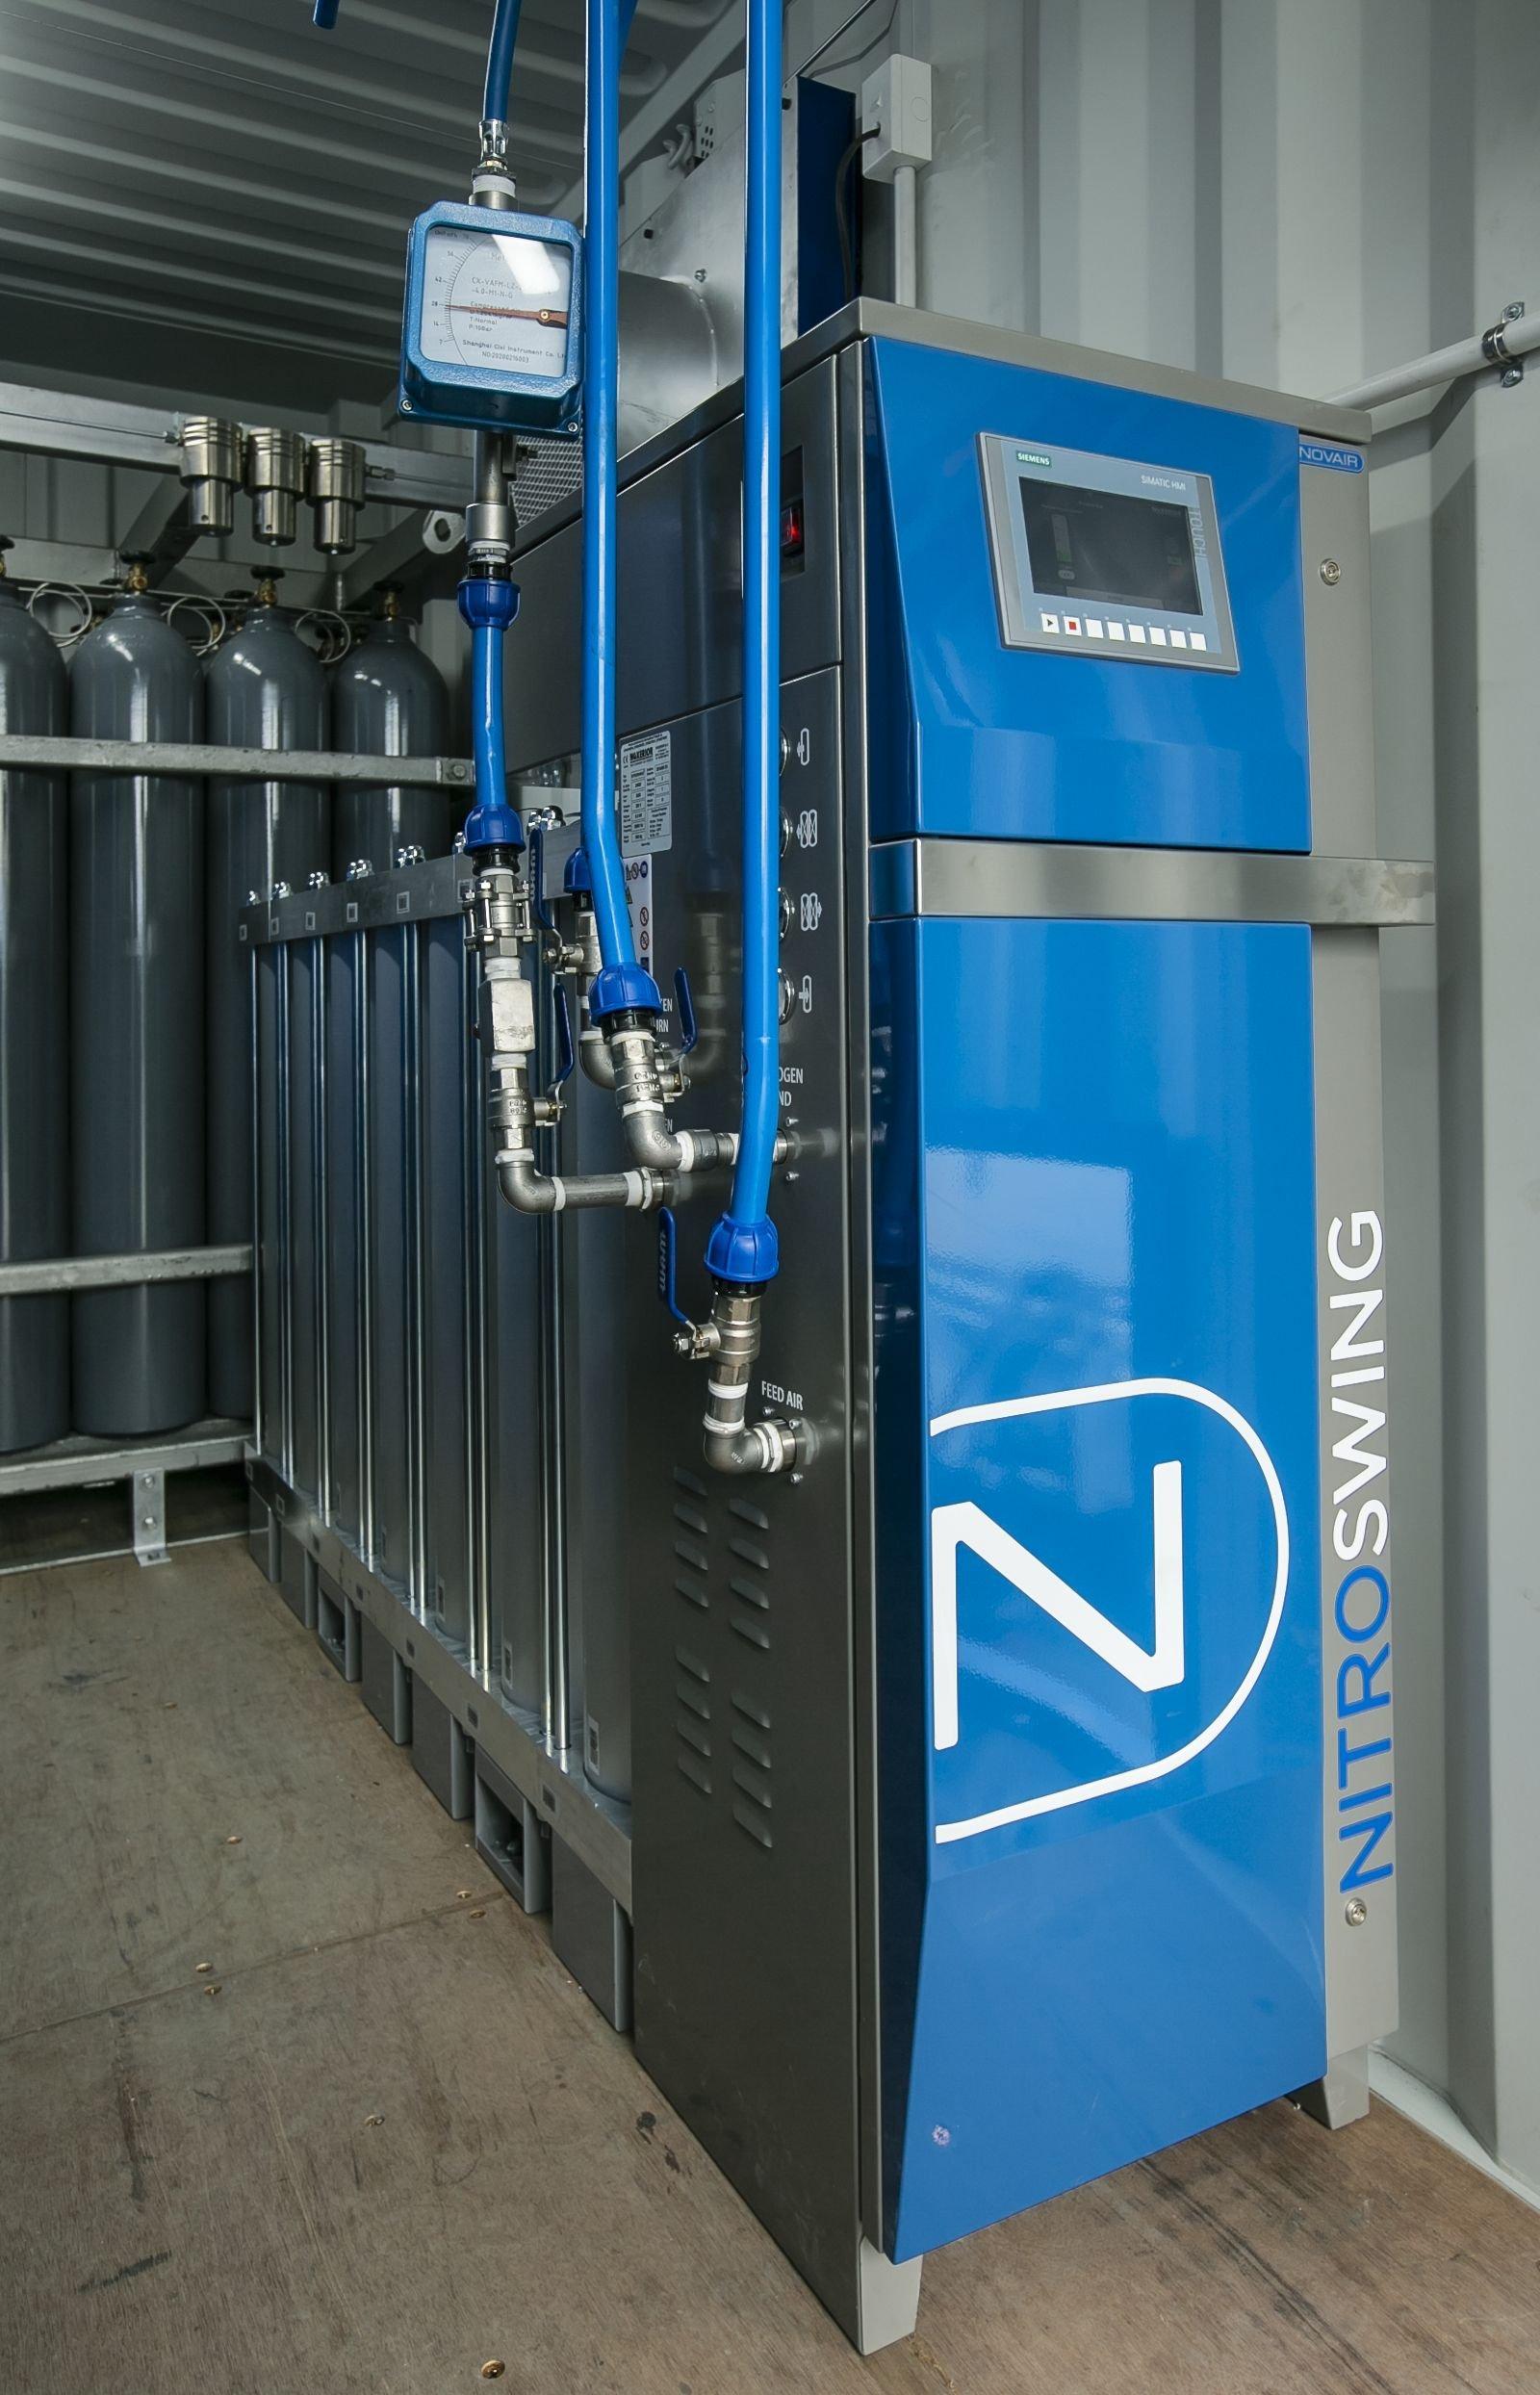 Containerised nitrogen generator - image 4